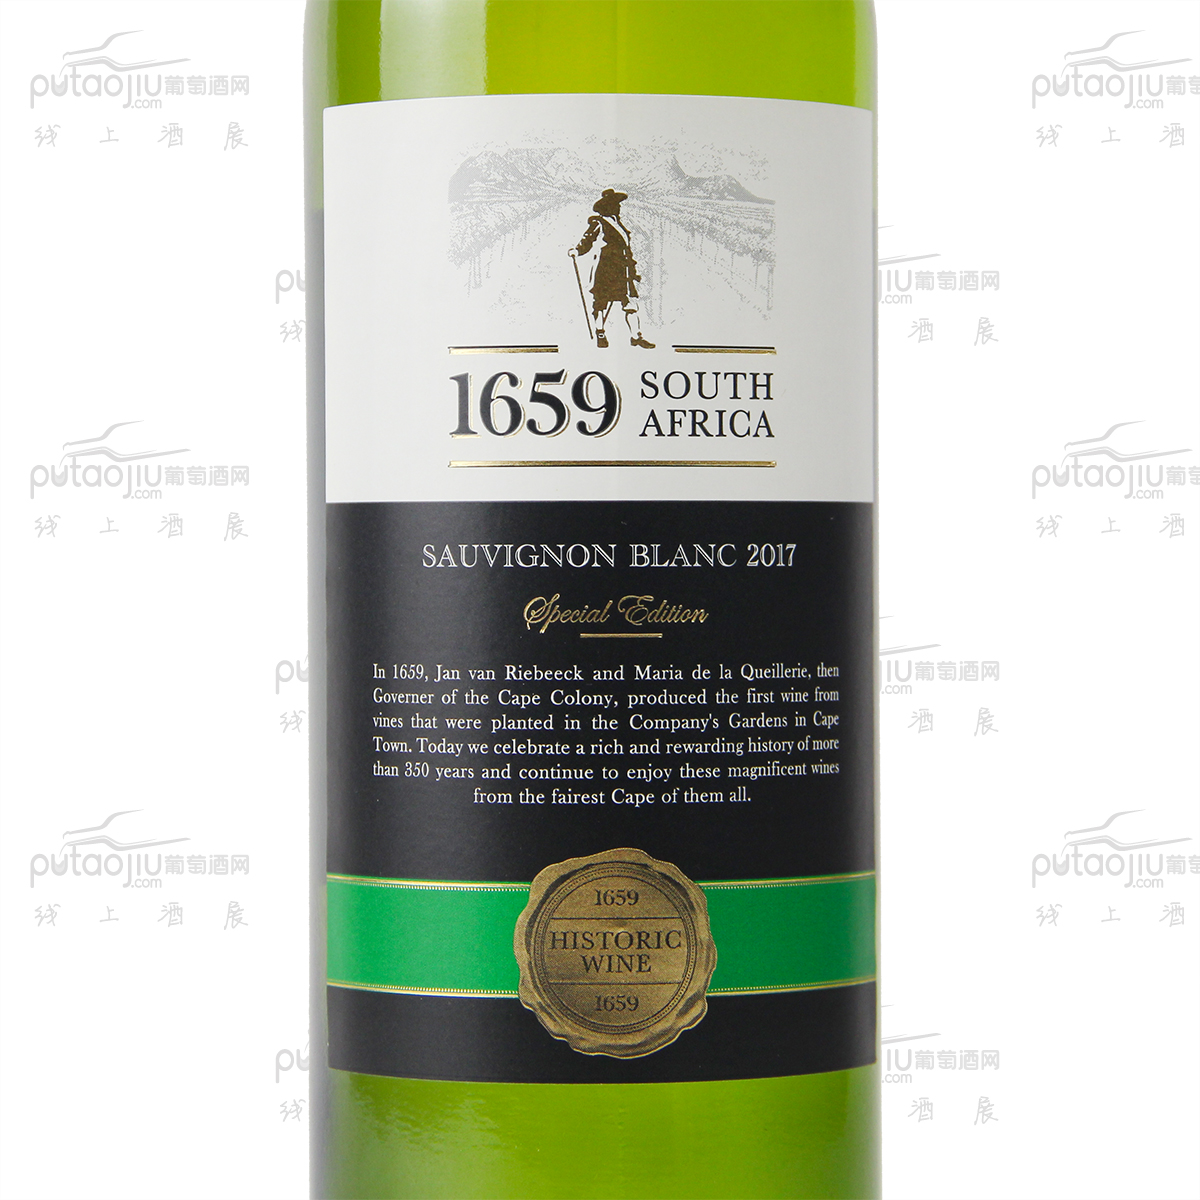 南非西开普省猎豹酒庄1659长相思干白葡萄酒